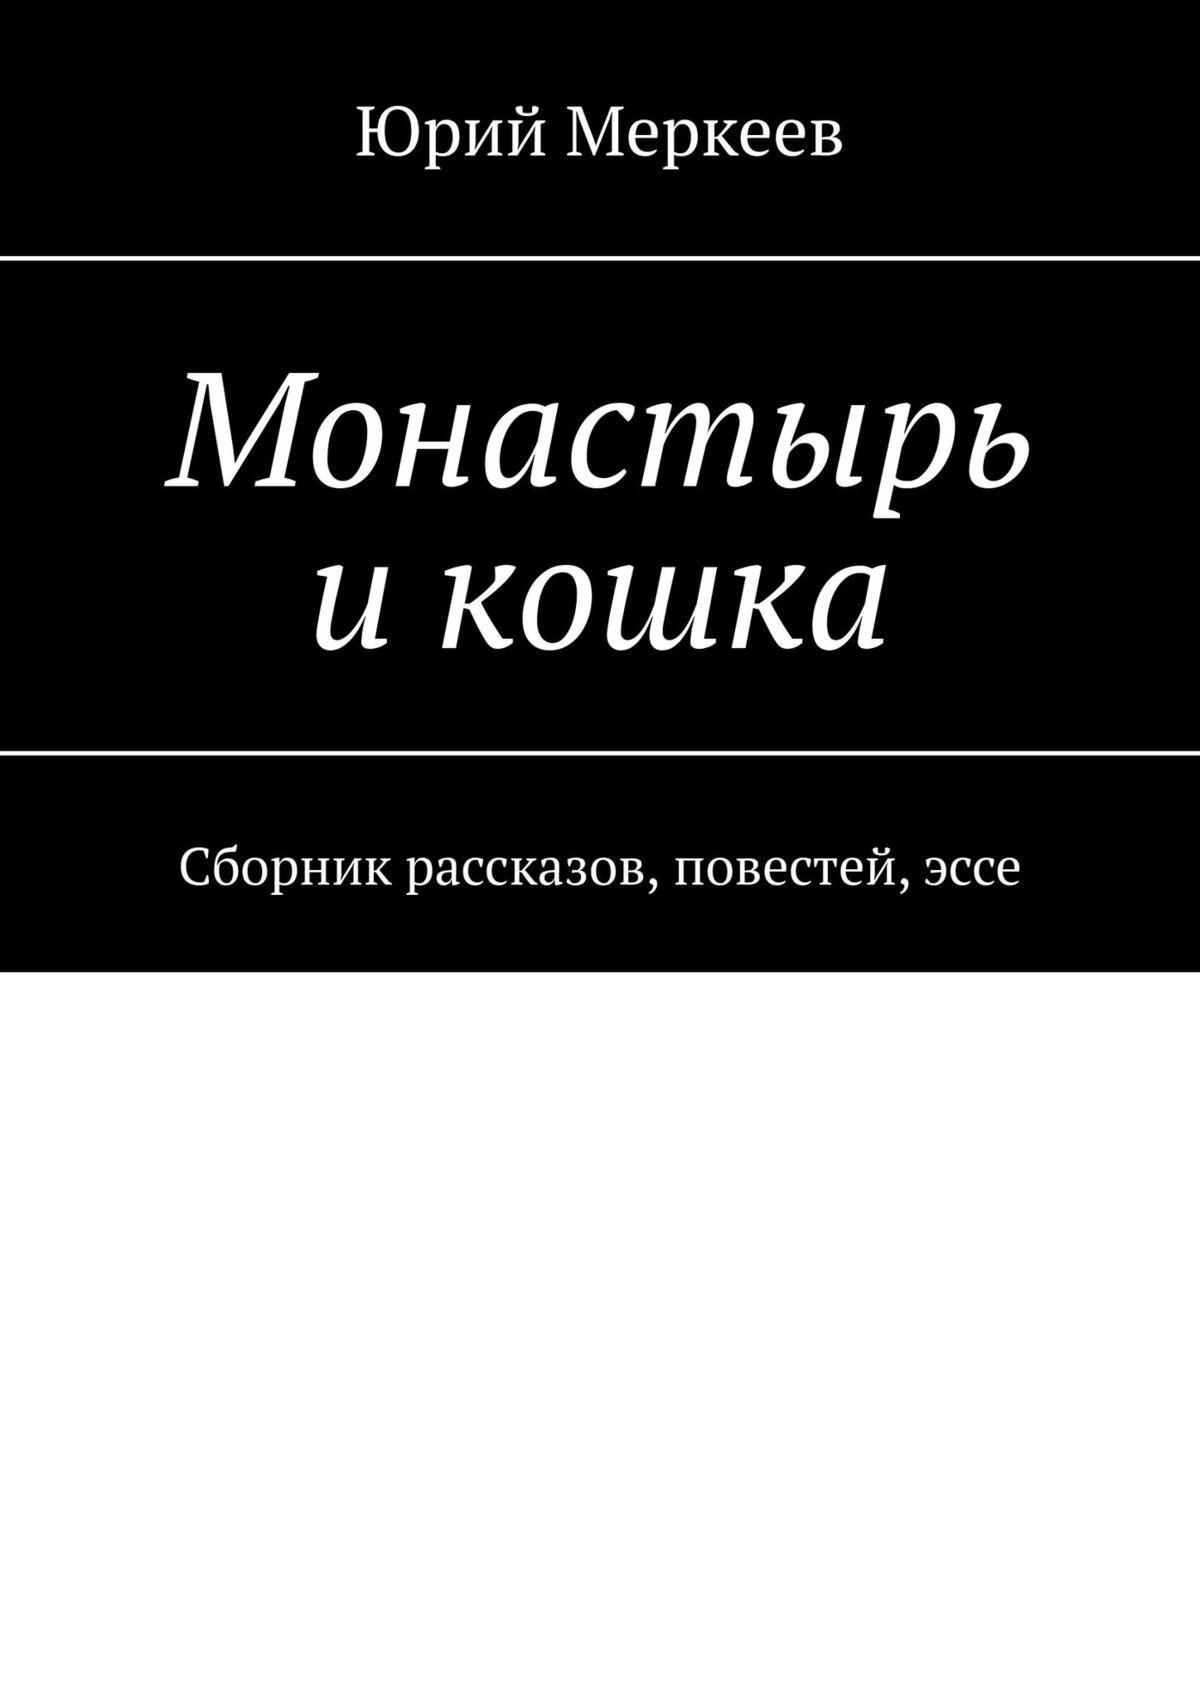 Фото - Юрий Меркеев Монастырь икошка юрий меркеев монастырь икошка